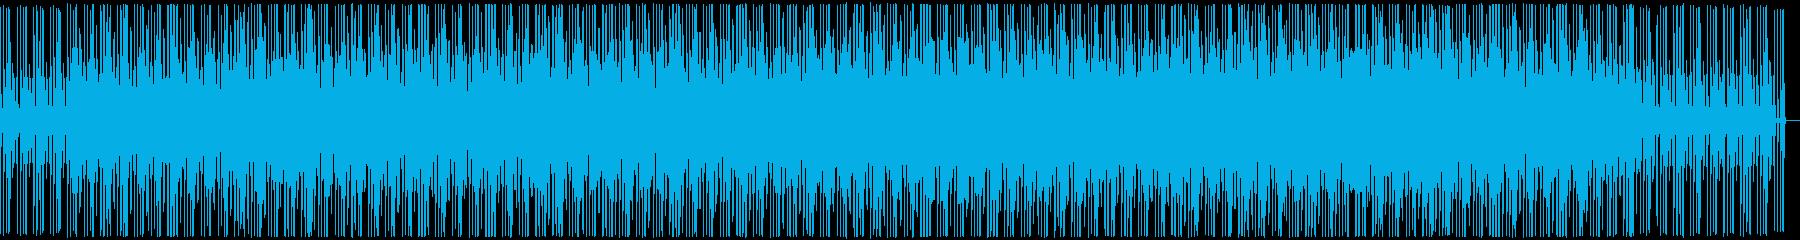 広告音楽。ポップ。定期的な繰り返し...の再生済みの波形